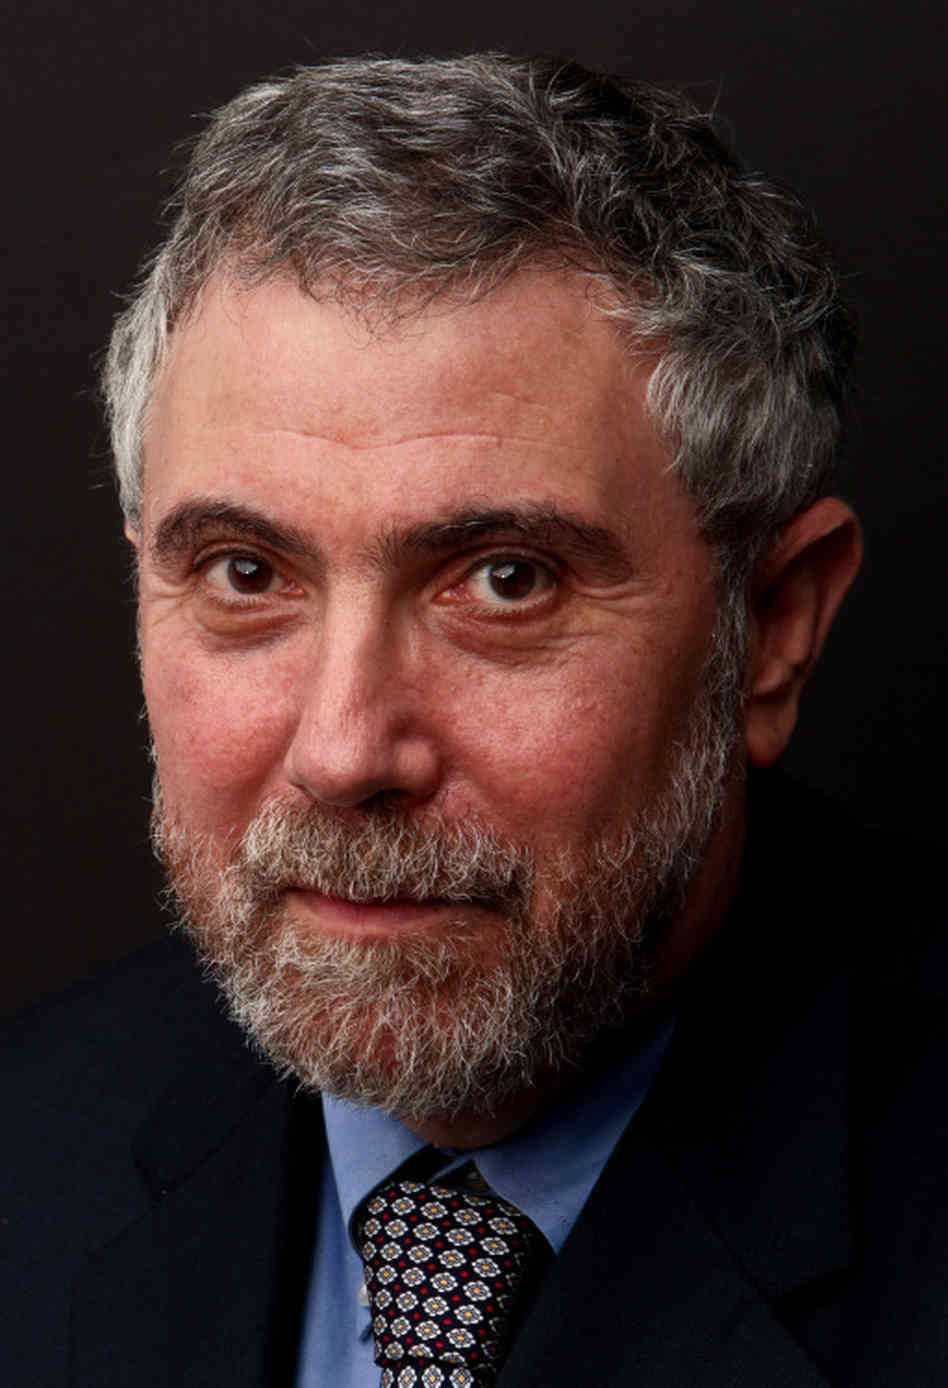 Paul Grugman